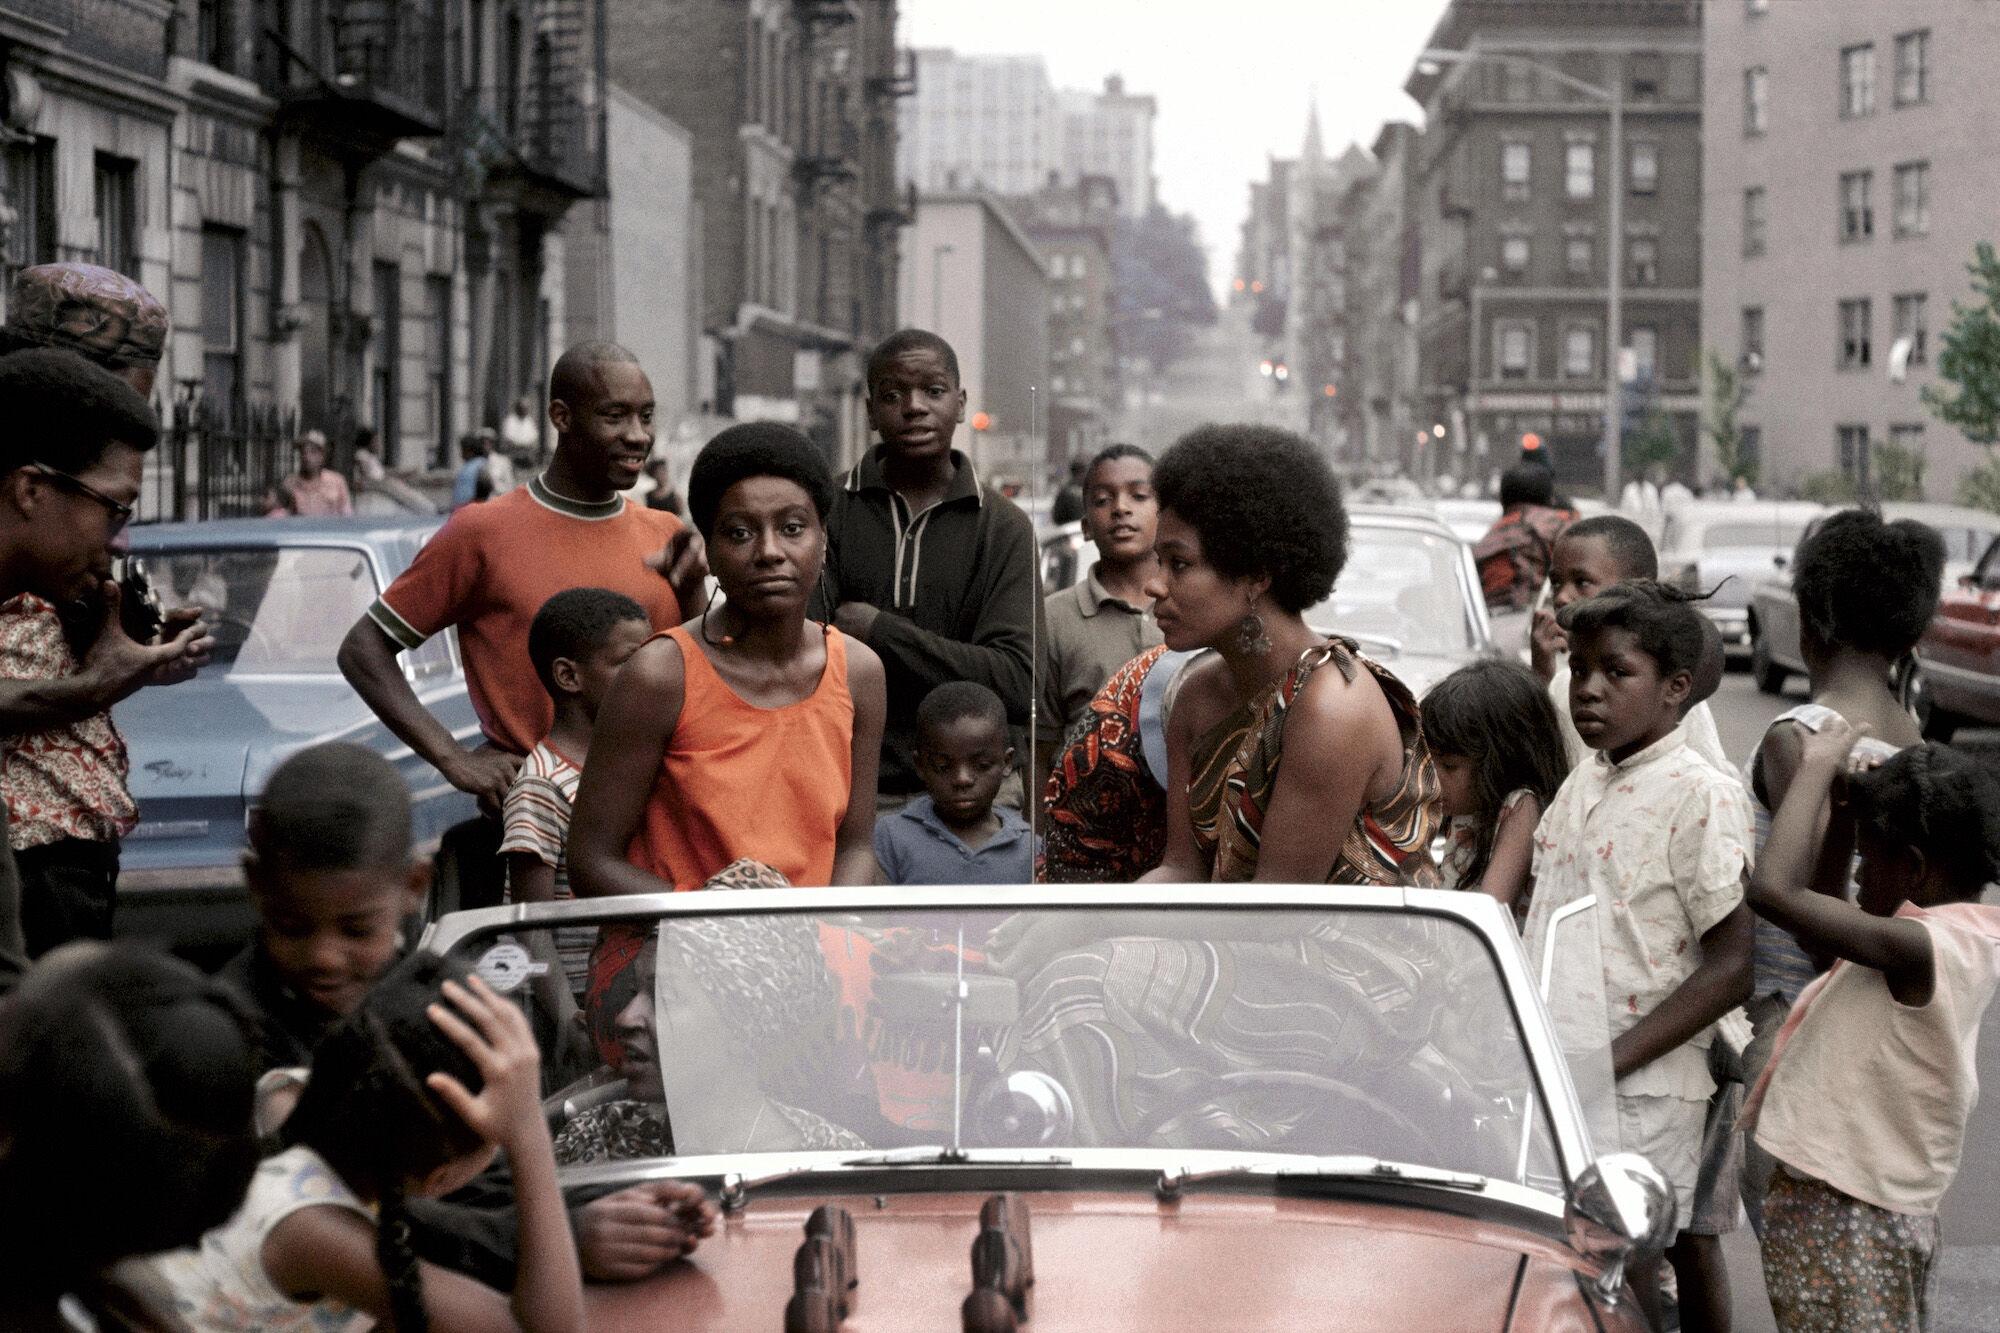 Kwame Brathwaite, Untitled (Garvey Day, Deedee in Car), 1965. Courtesy of Philip Martin Gallery.